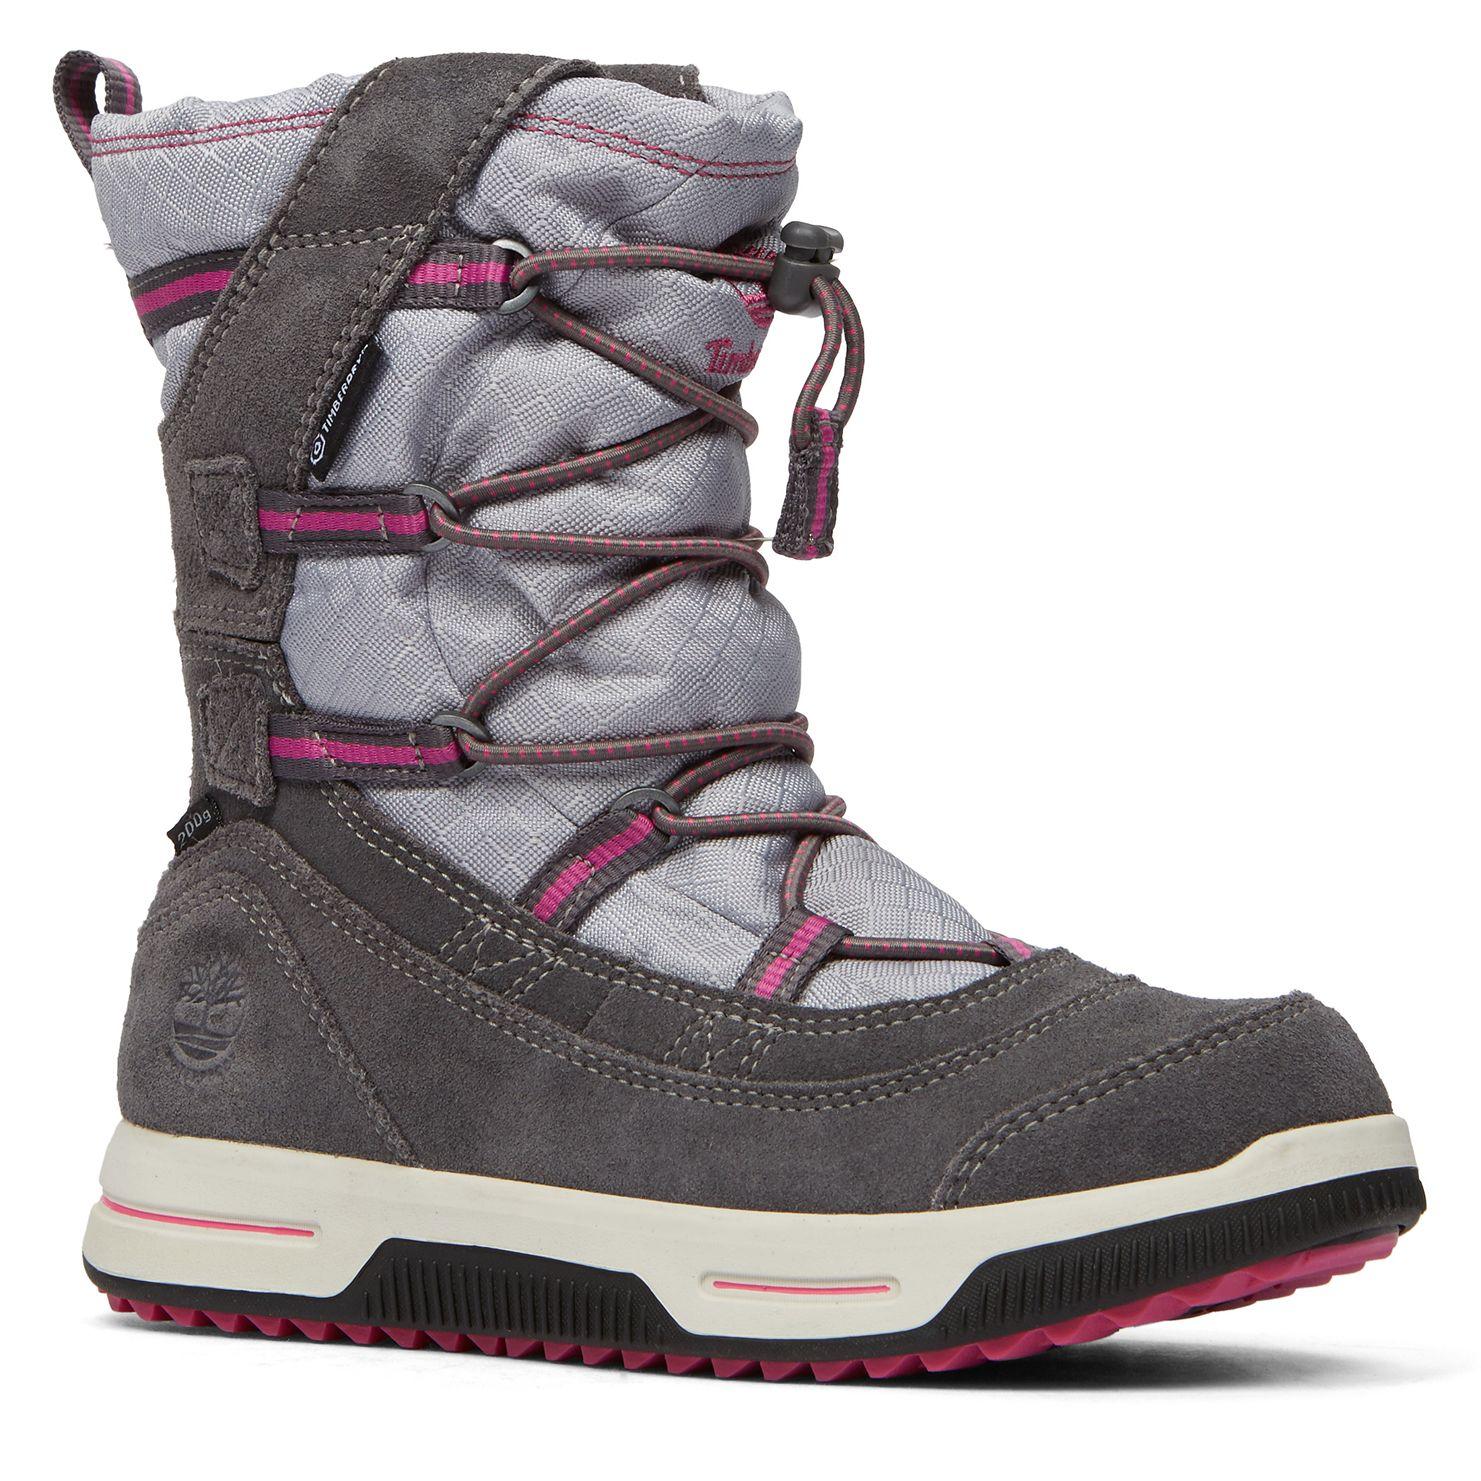 Filles Bottes Chaussures Et Enfants Seviria En Tout Petits Pour qEtUw7x